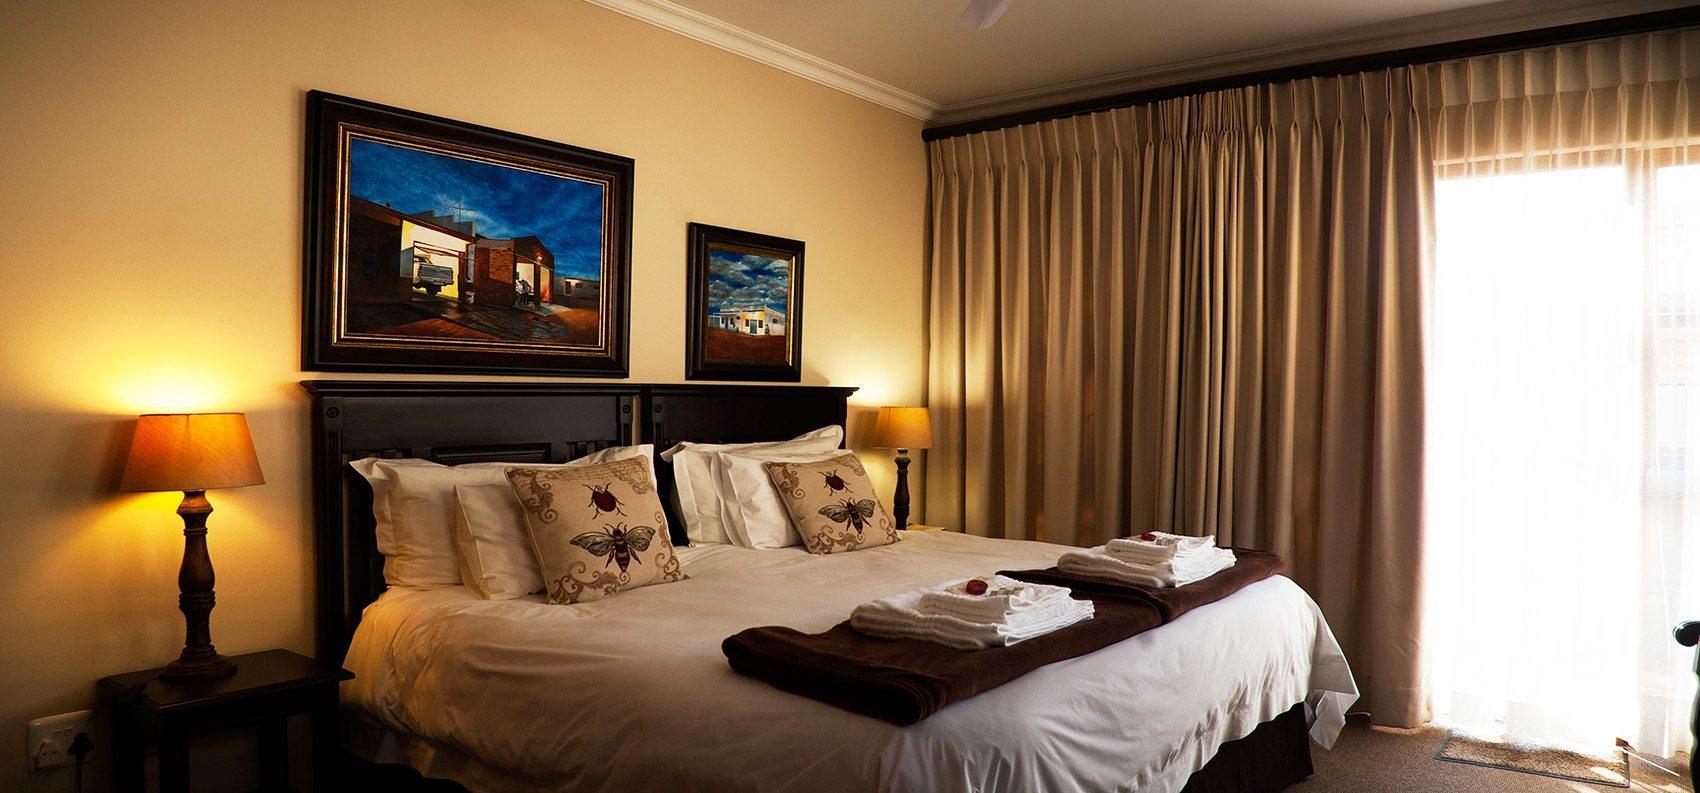 Bedroom suites for sale in pretoria two bedroom suite for Affordable bedroom furniture pretoria